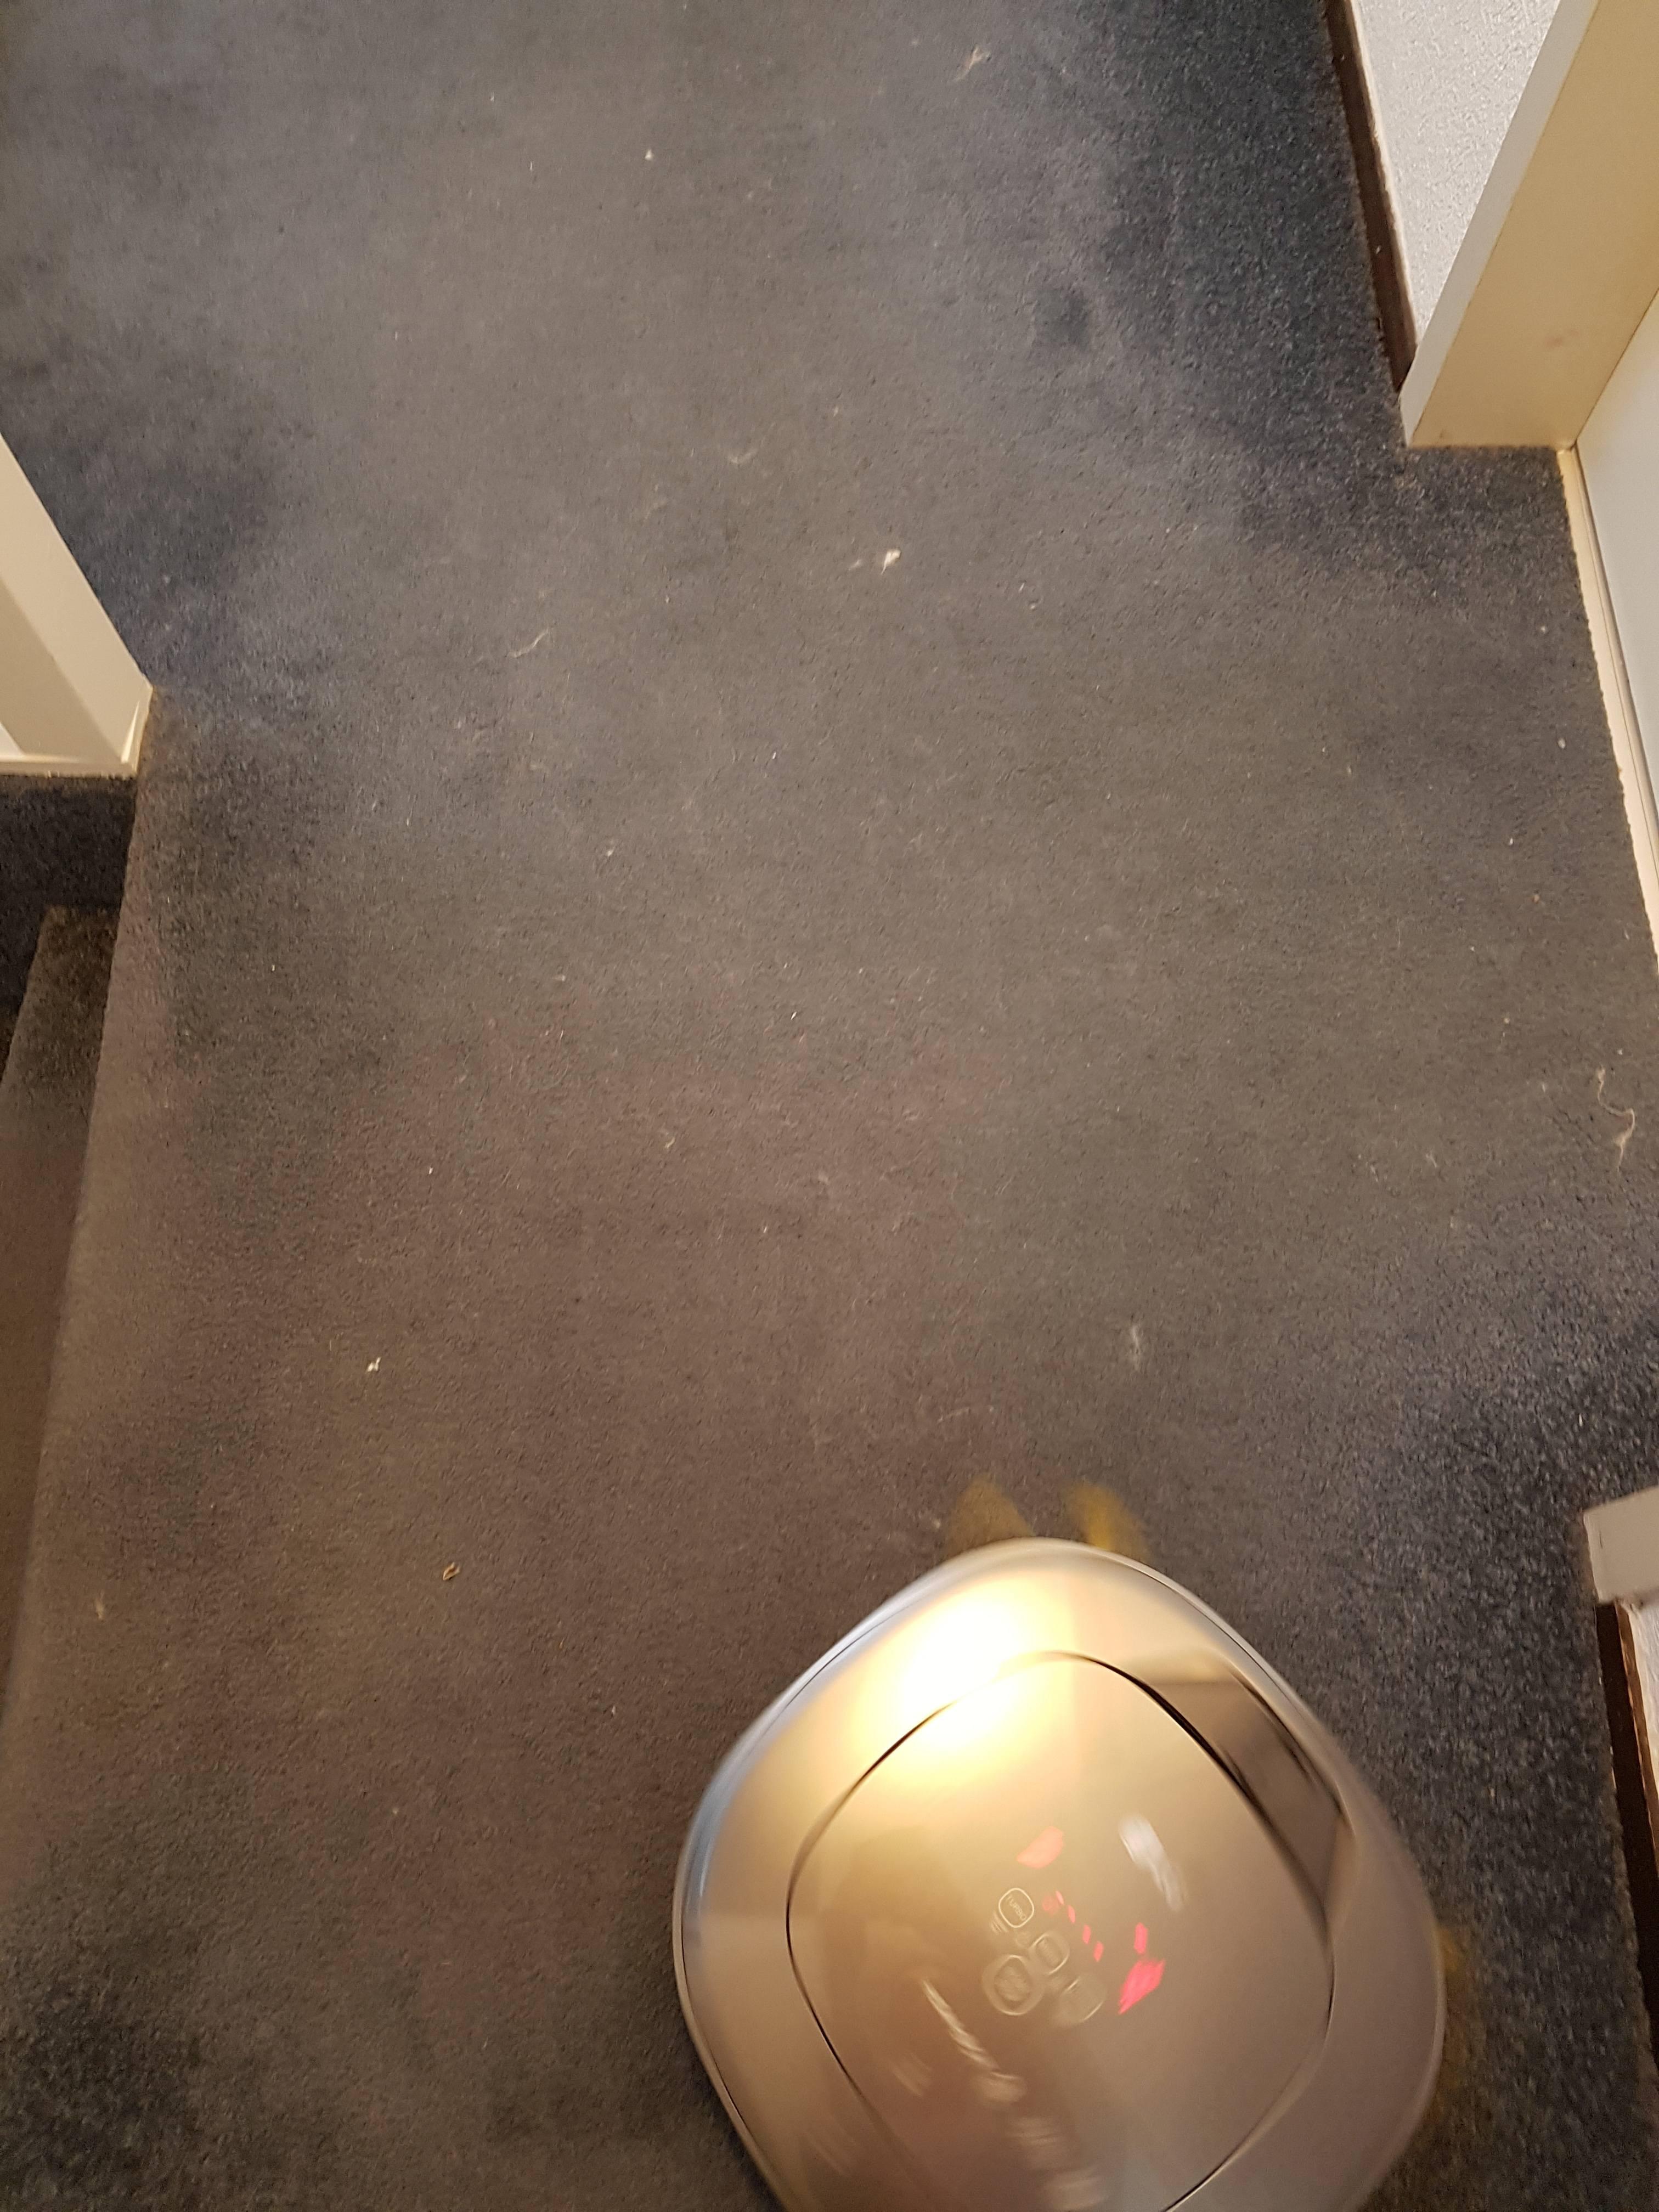 Stukje vloerbedekking bij aanvang schoonmaken